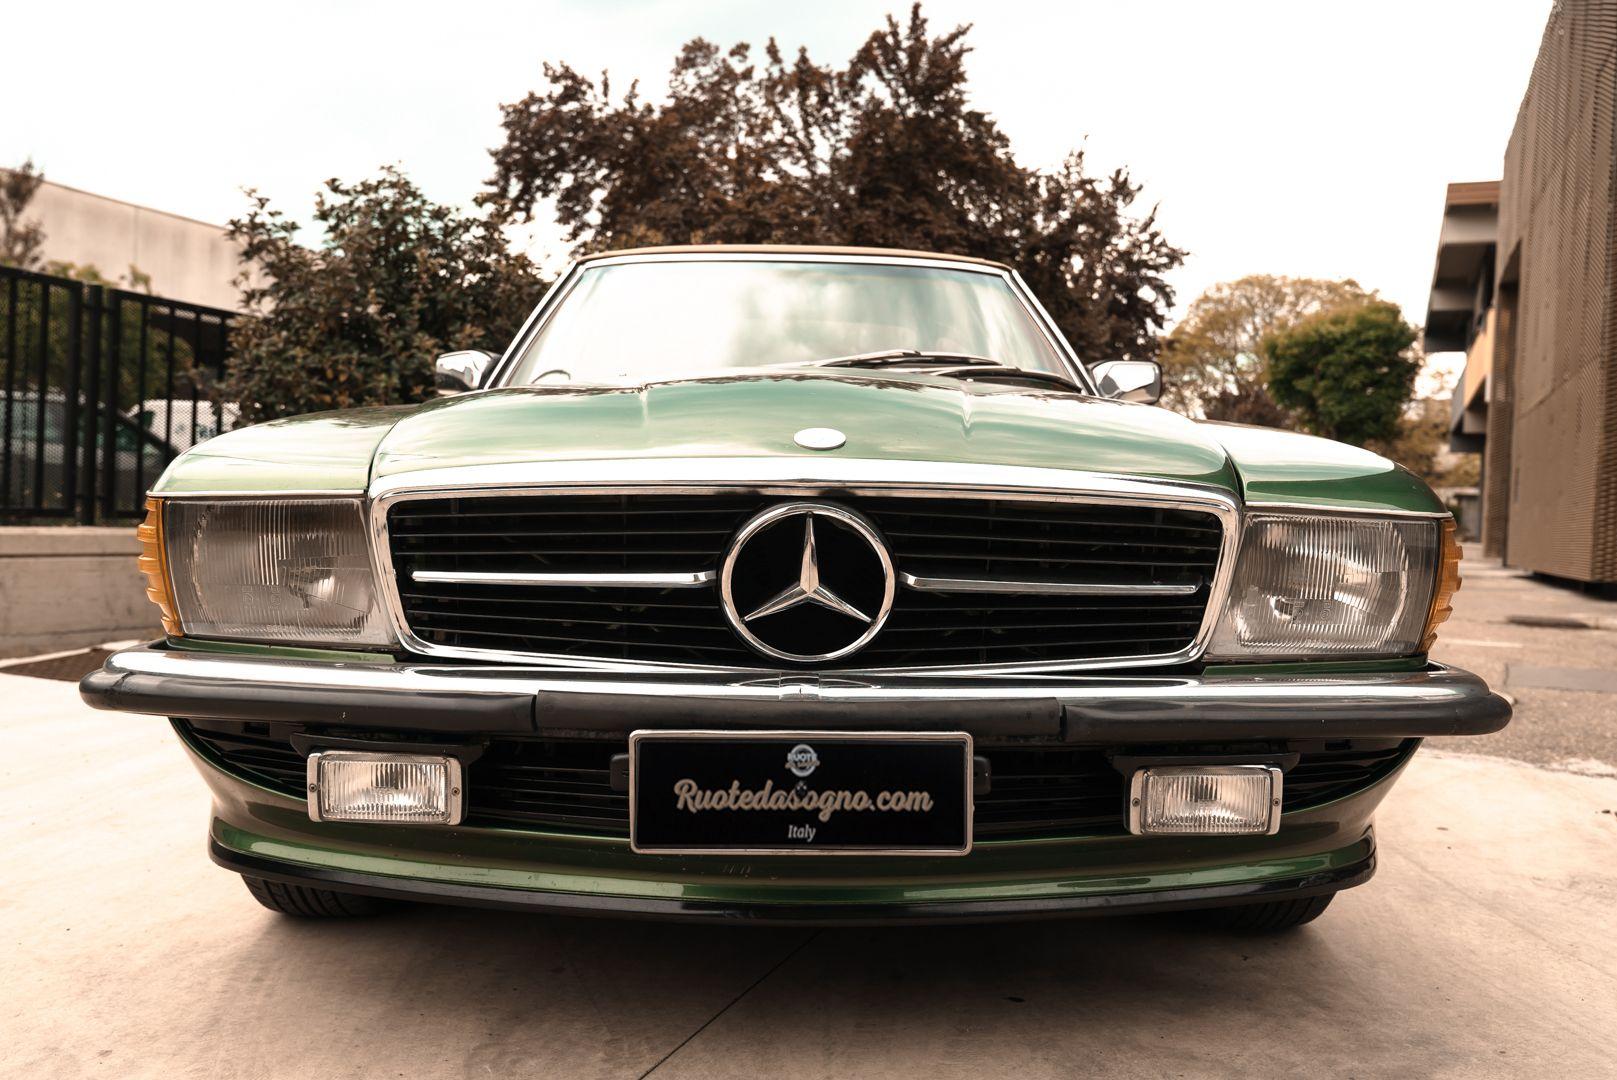 1986 Mercedes-Benz SL 300 69300